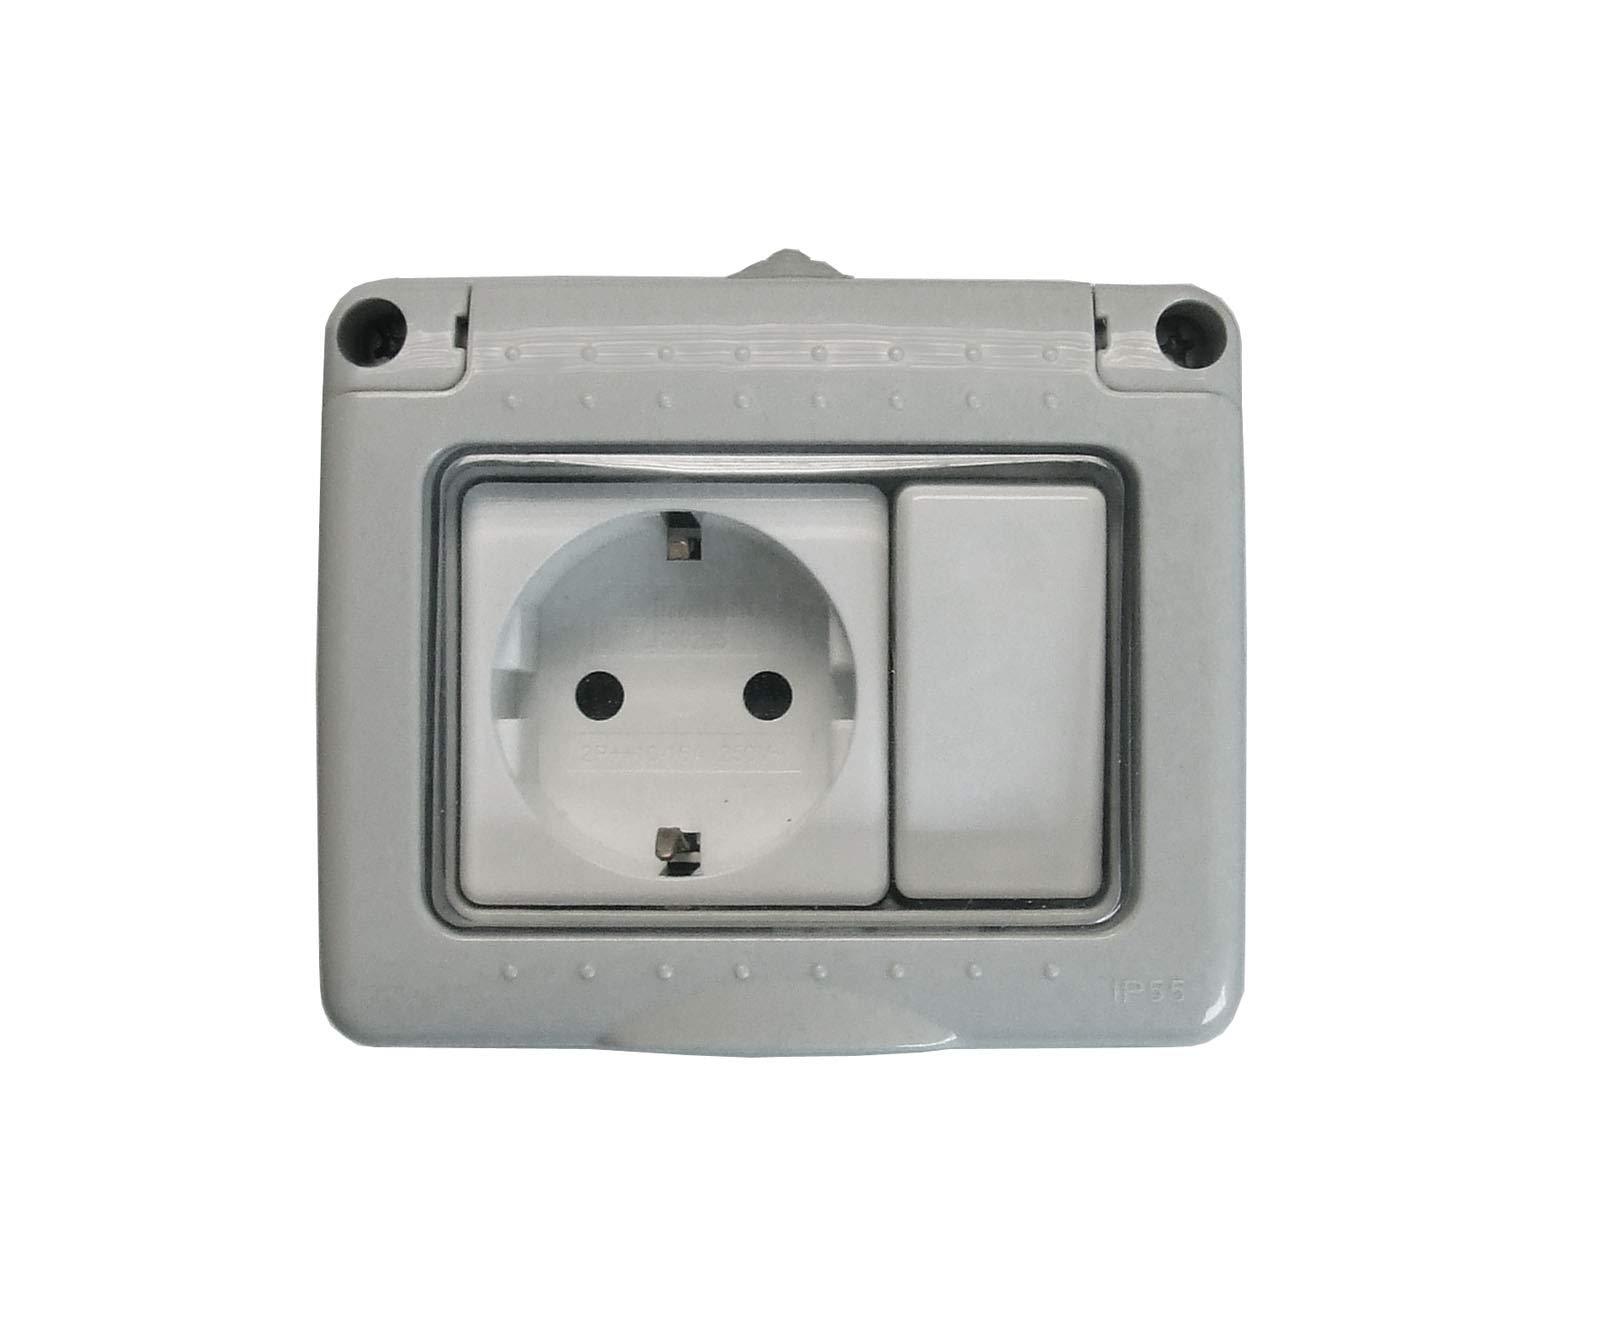 Bf bf-19 - Interruptor+base enchufe schuko gris bolsa: Amazon.es: Bricolaje y herramientas